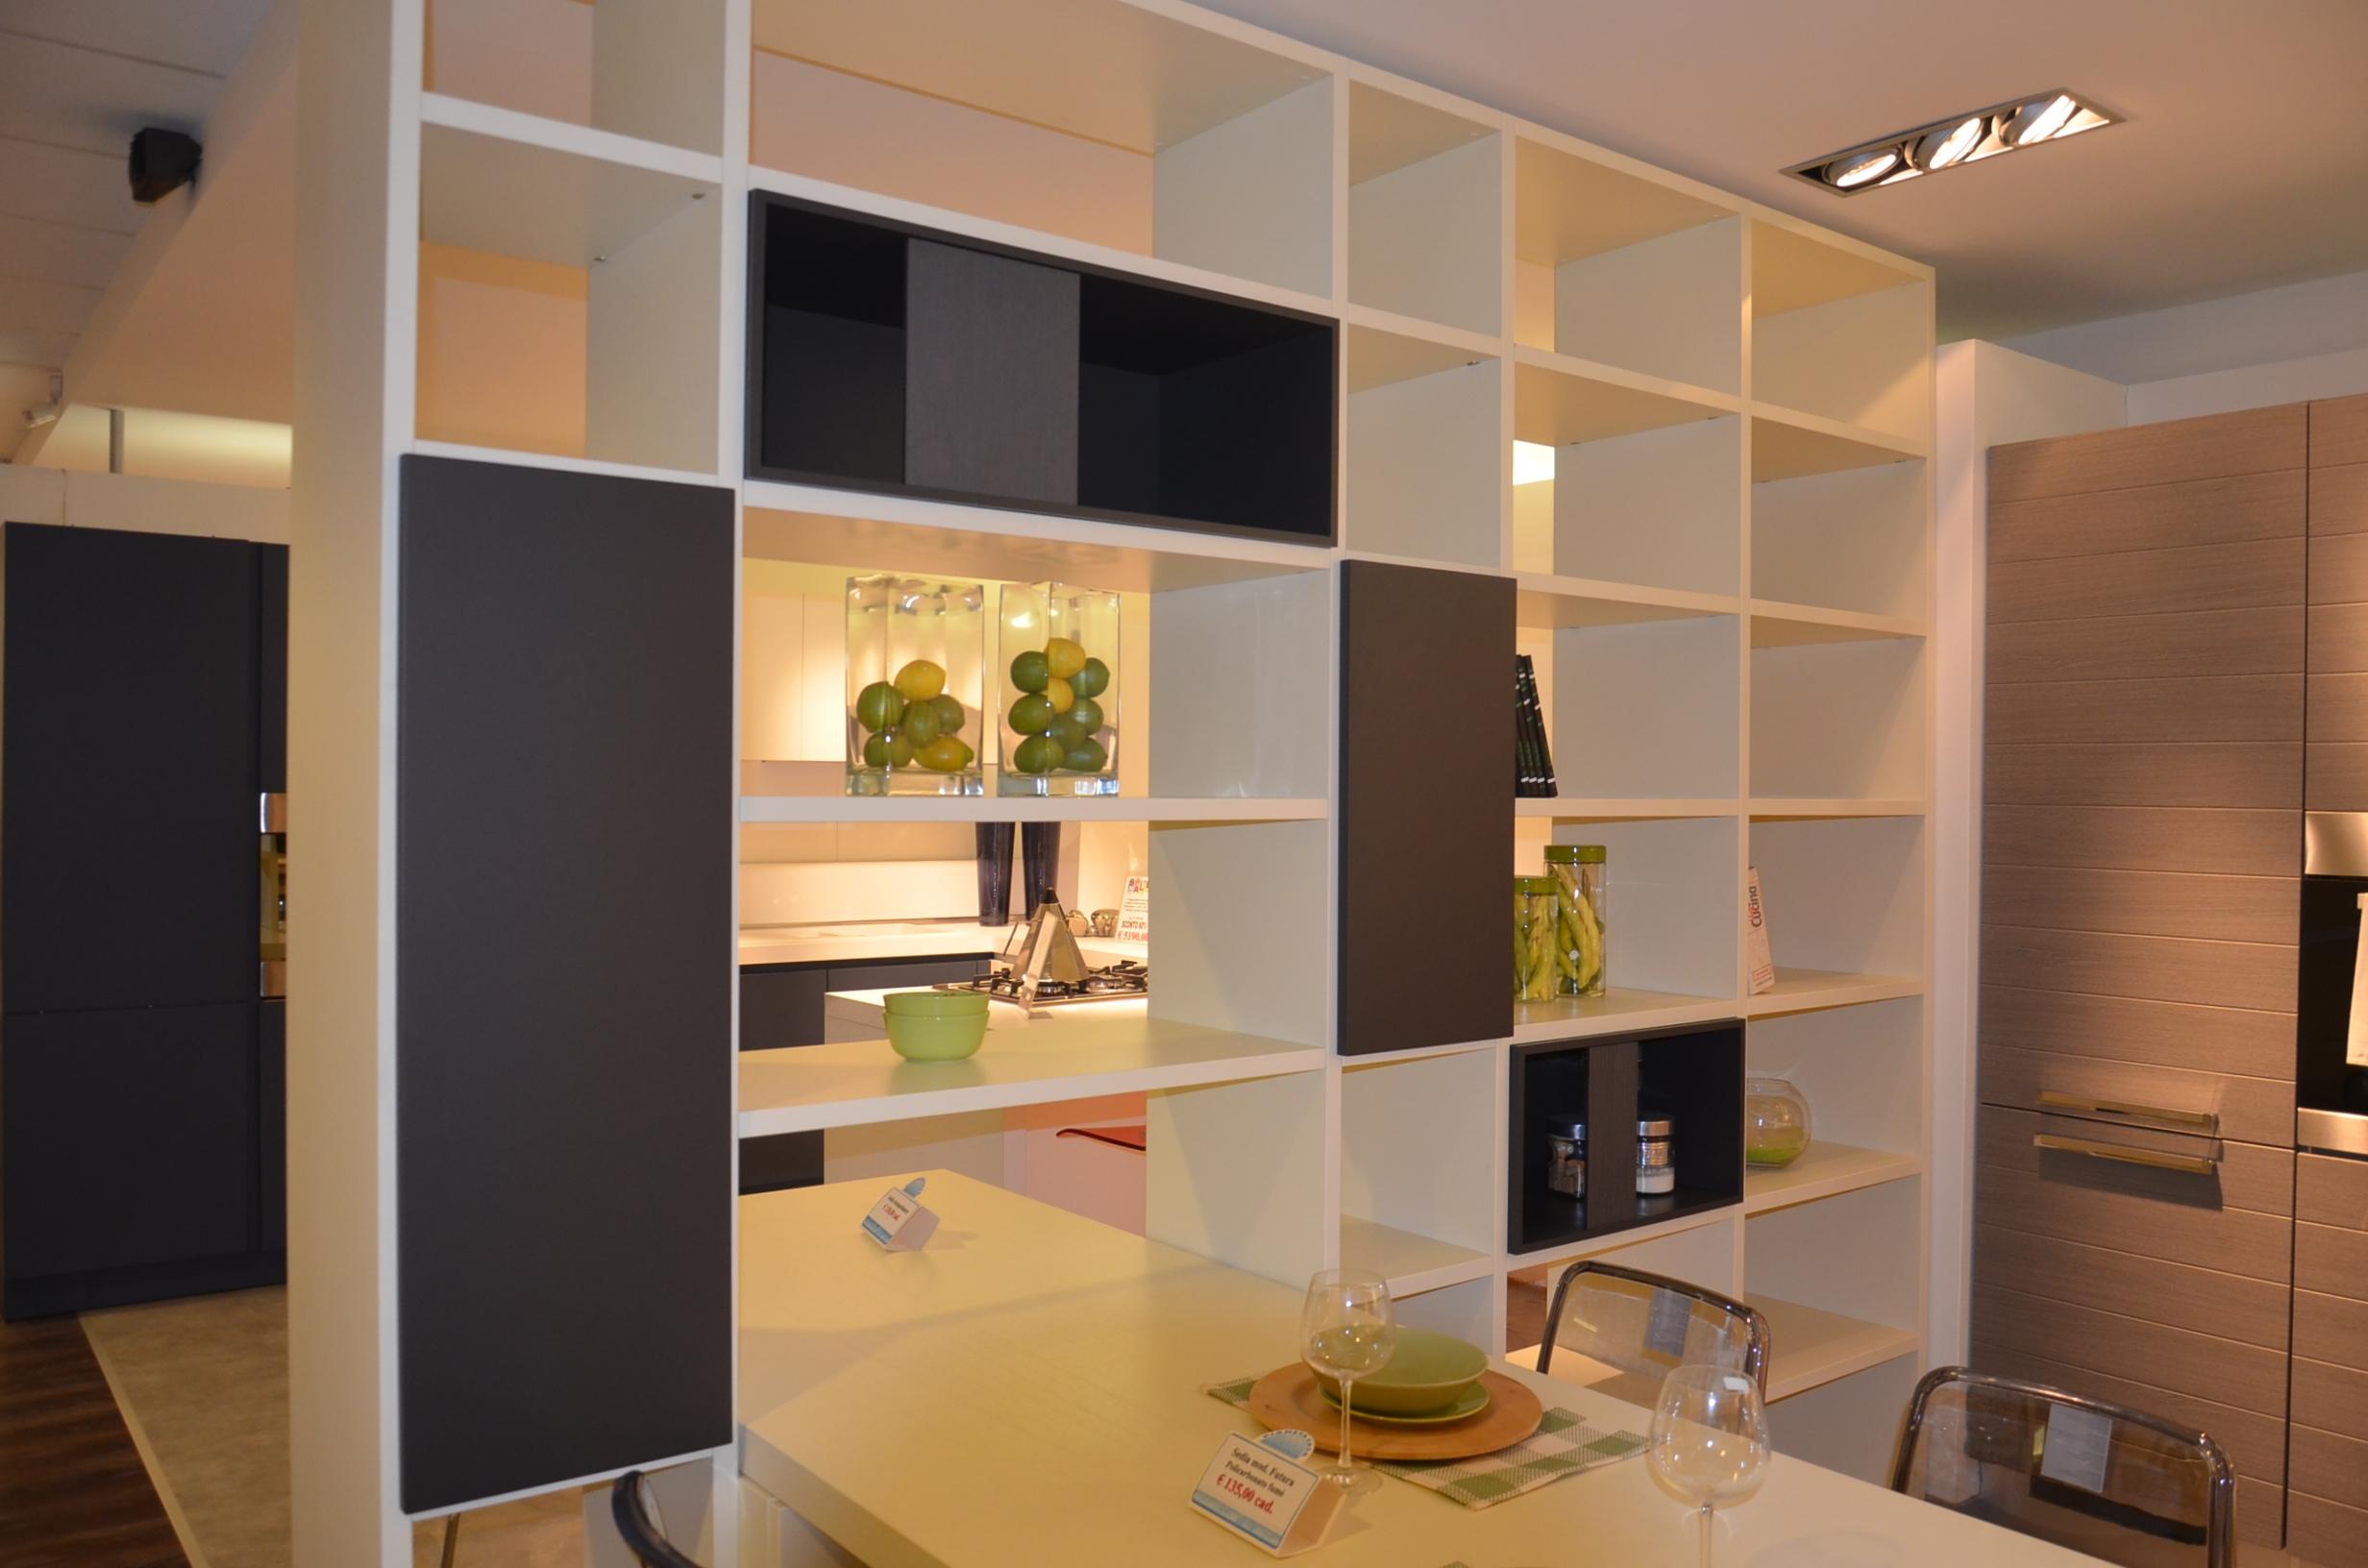 Libreria soggiorno ikea idee creative e innovative sulla - Ikea decorazioni parete ...